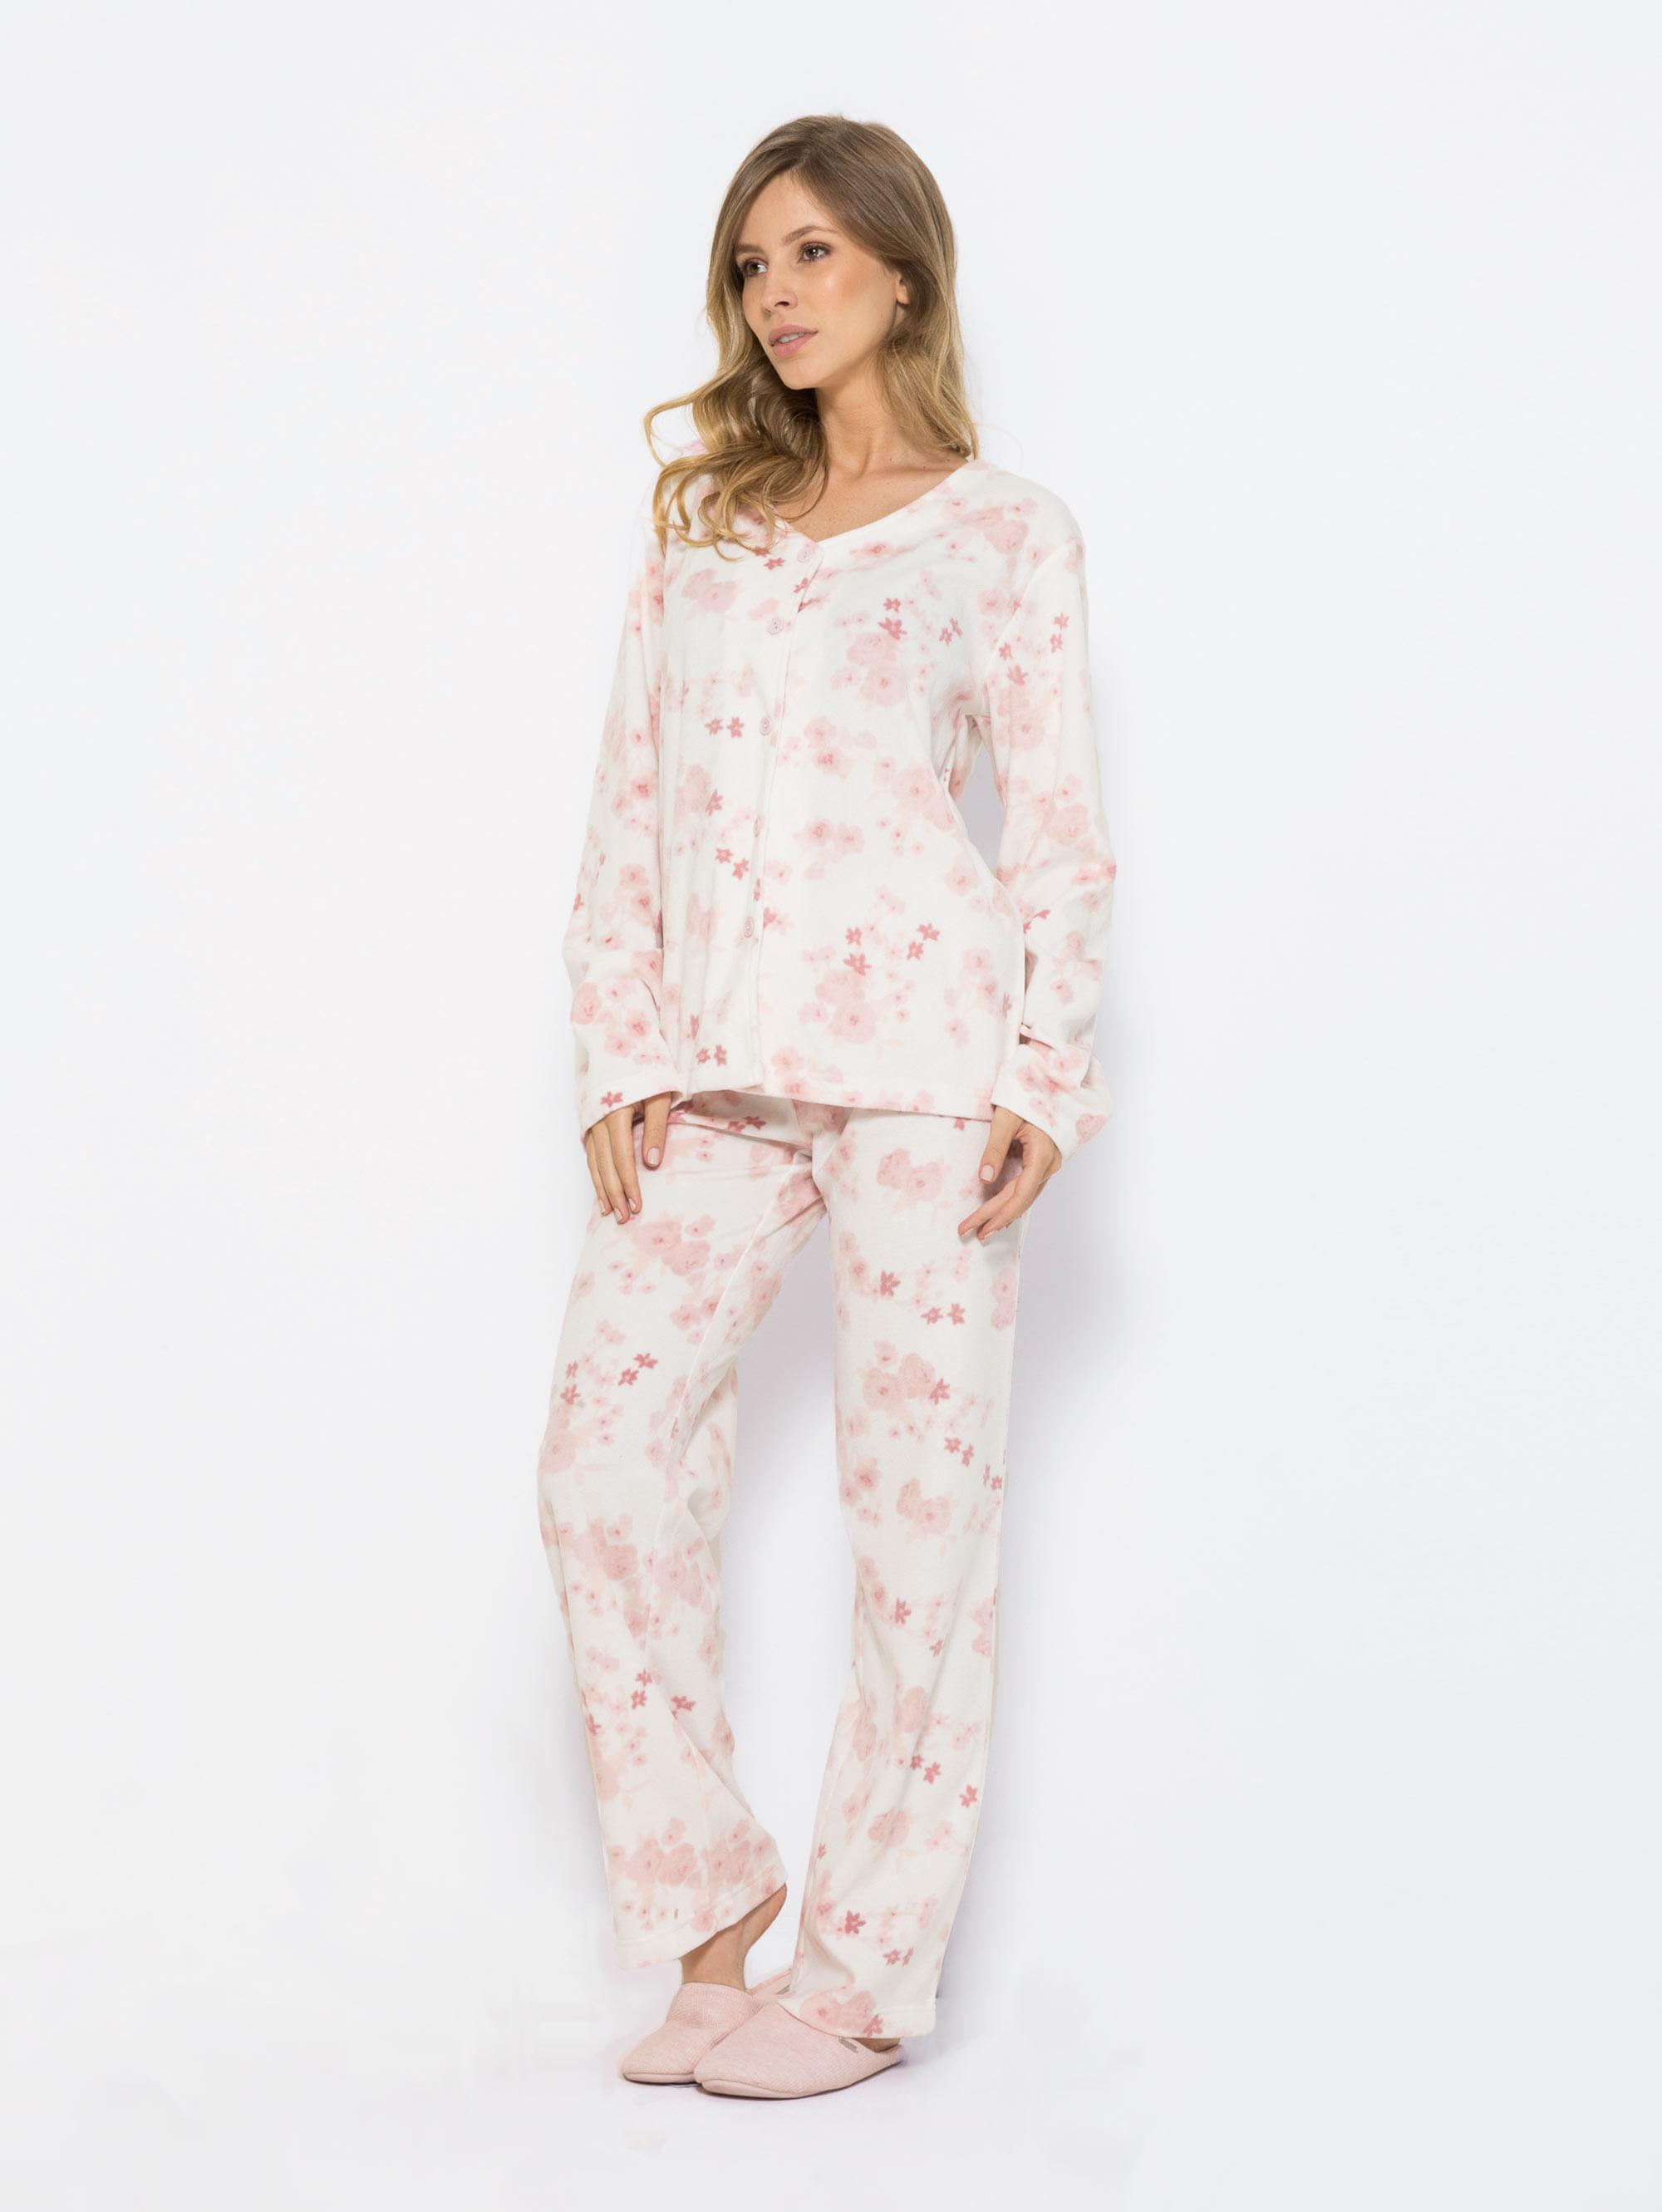 Pijama-Longo-Manga-Longa-Soft-Feminino-Cherry-Blossom-04.01.1525